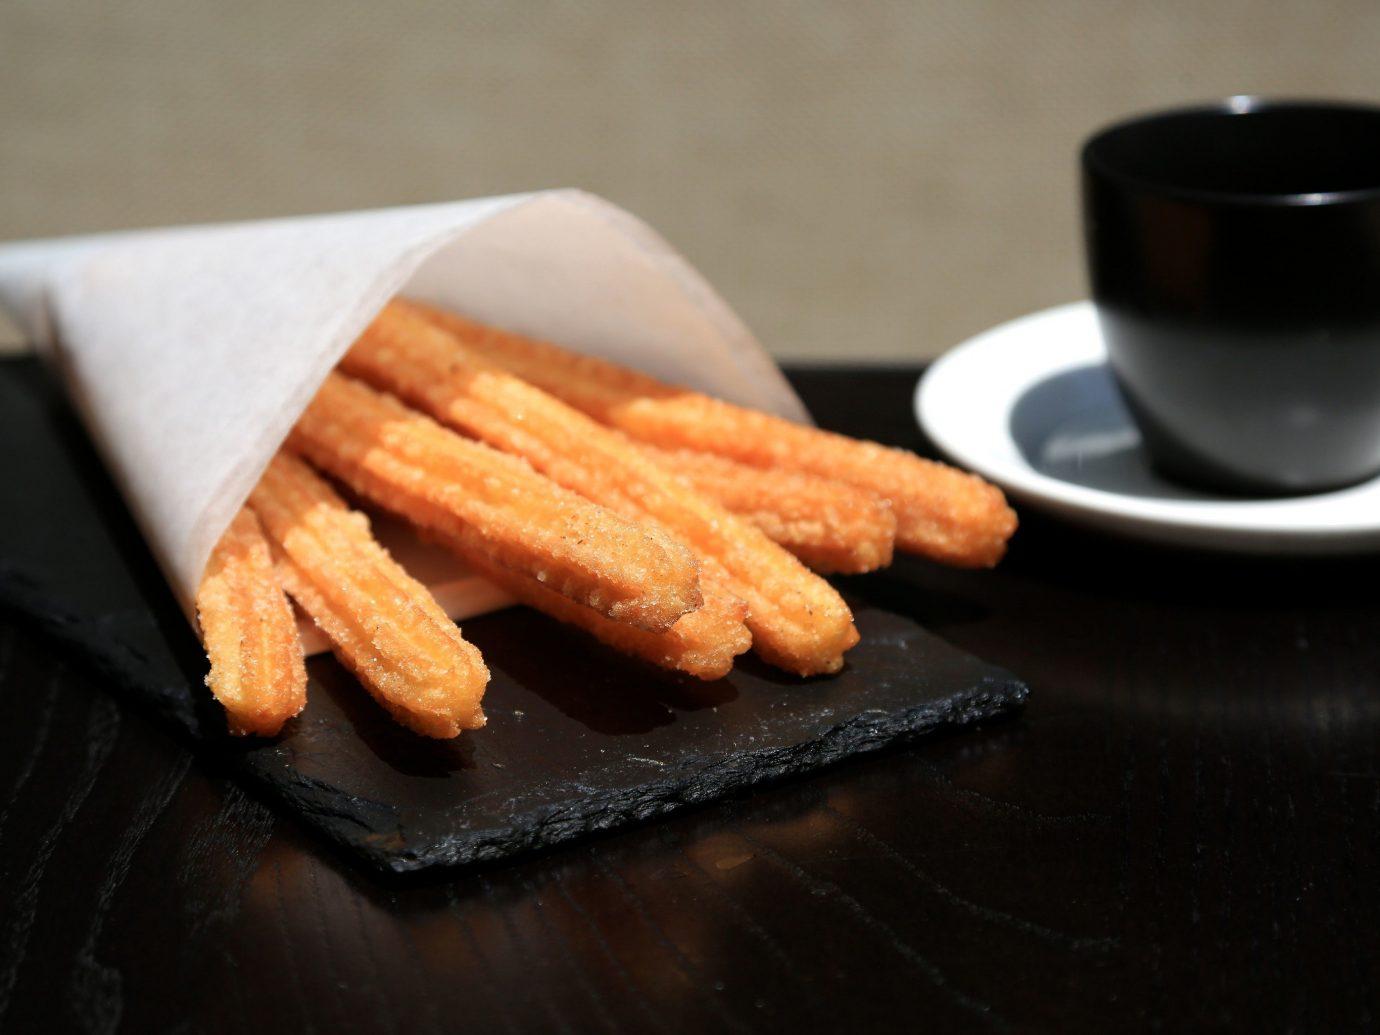 Food + Drink food indoor dish churro cuisine snack food produce meal flavor